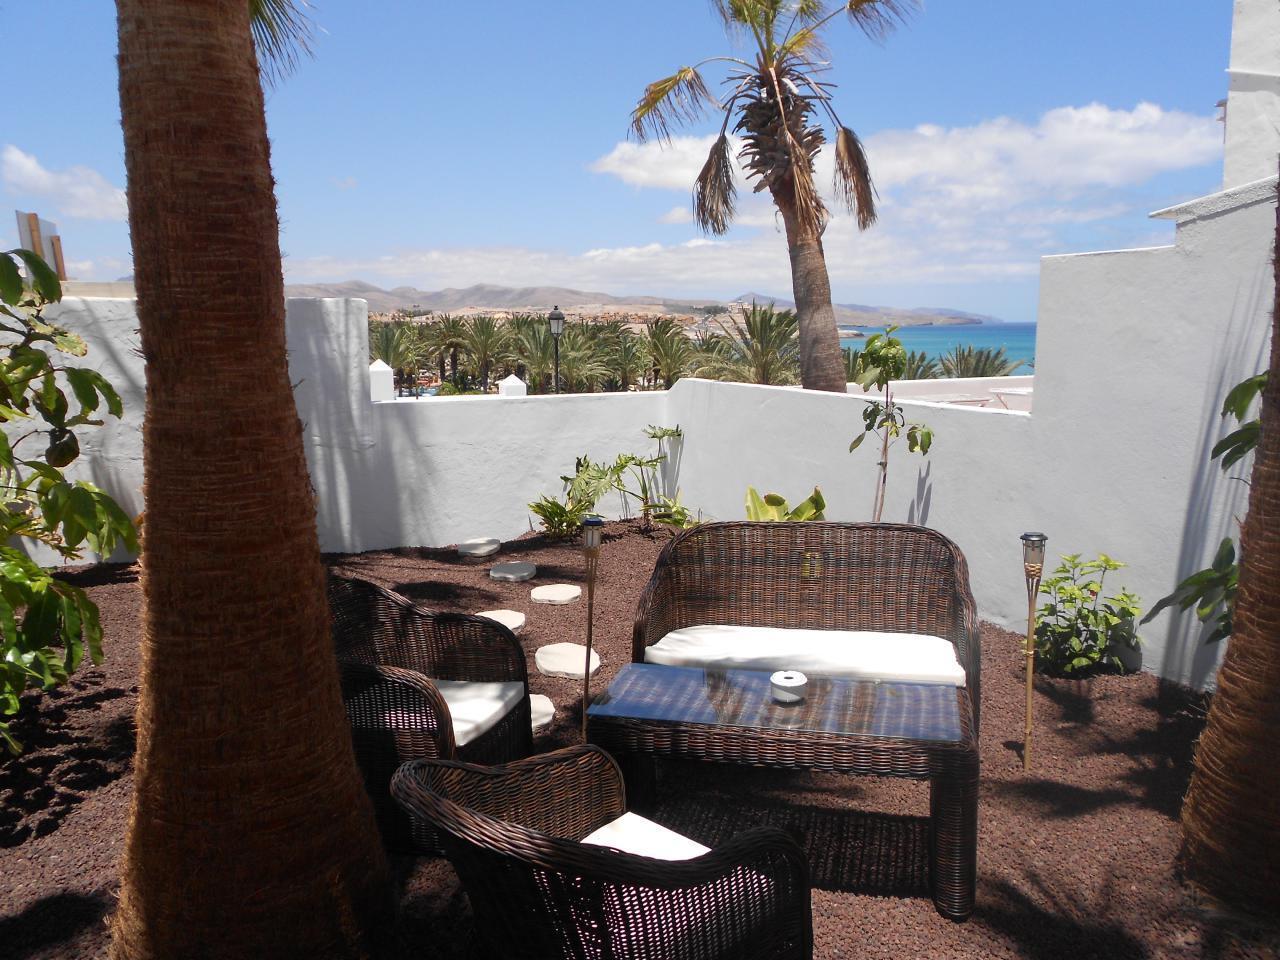 Ferienwohnung Costa Calma mit privatem Garten direkt am Strand (1851118), Costa Calma, Fuerteventura, Kanarische Inseln, Spanien, Bild 13